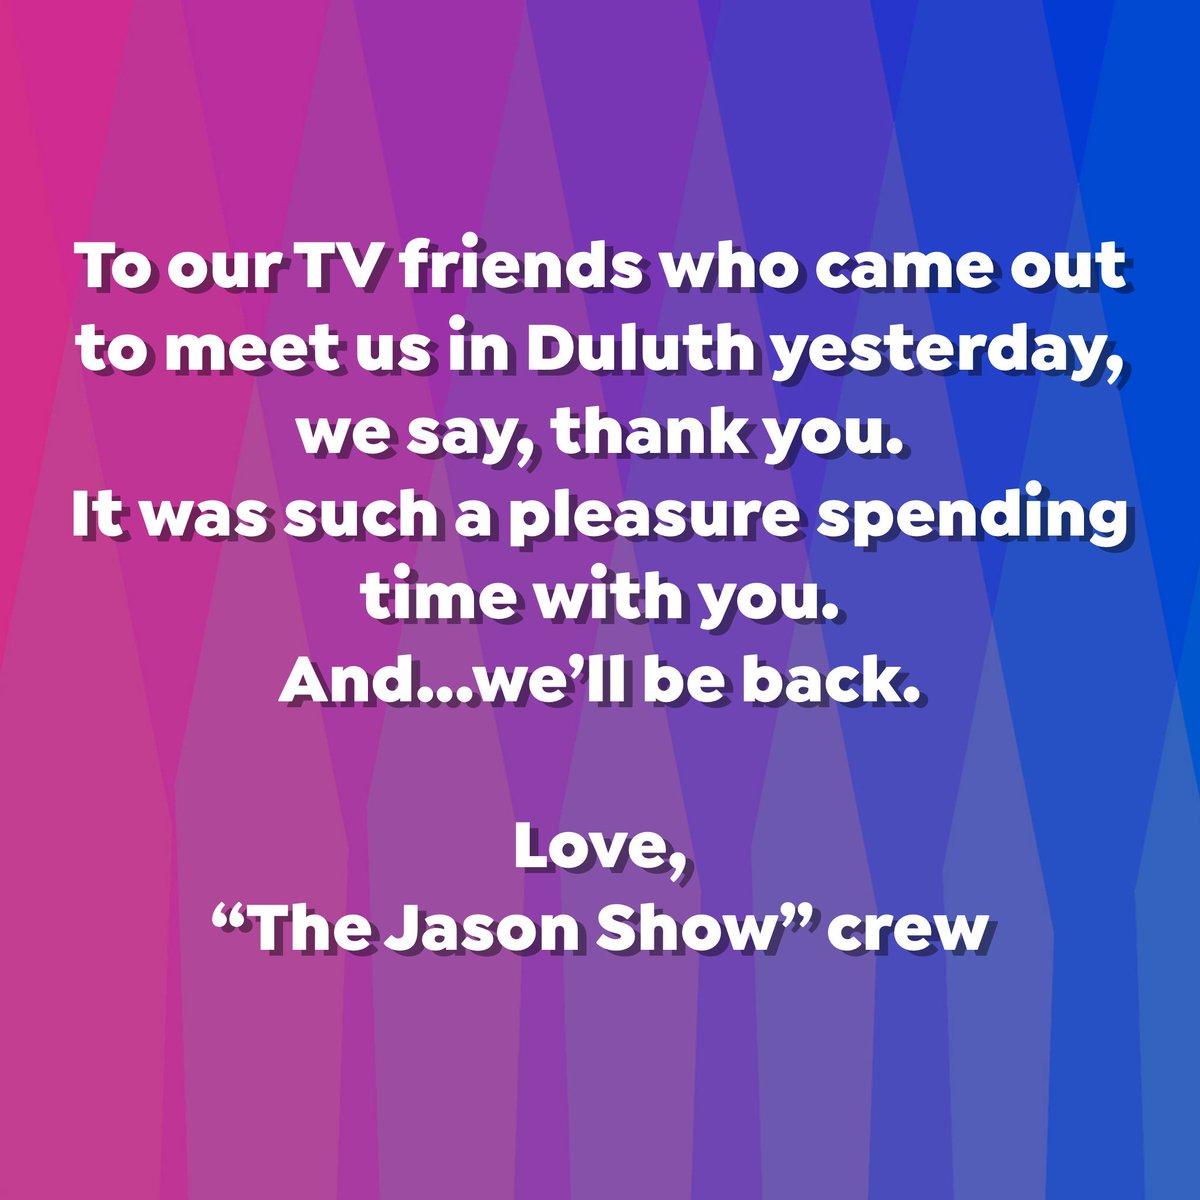 The Jason Show (@JasonShowTV) | Twitter